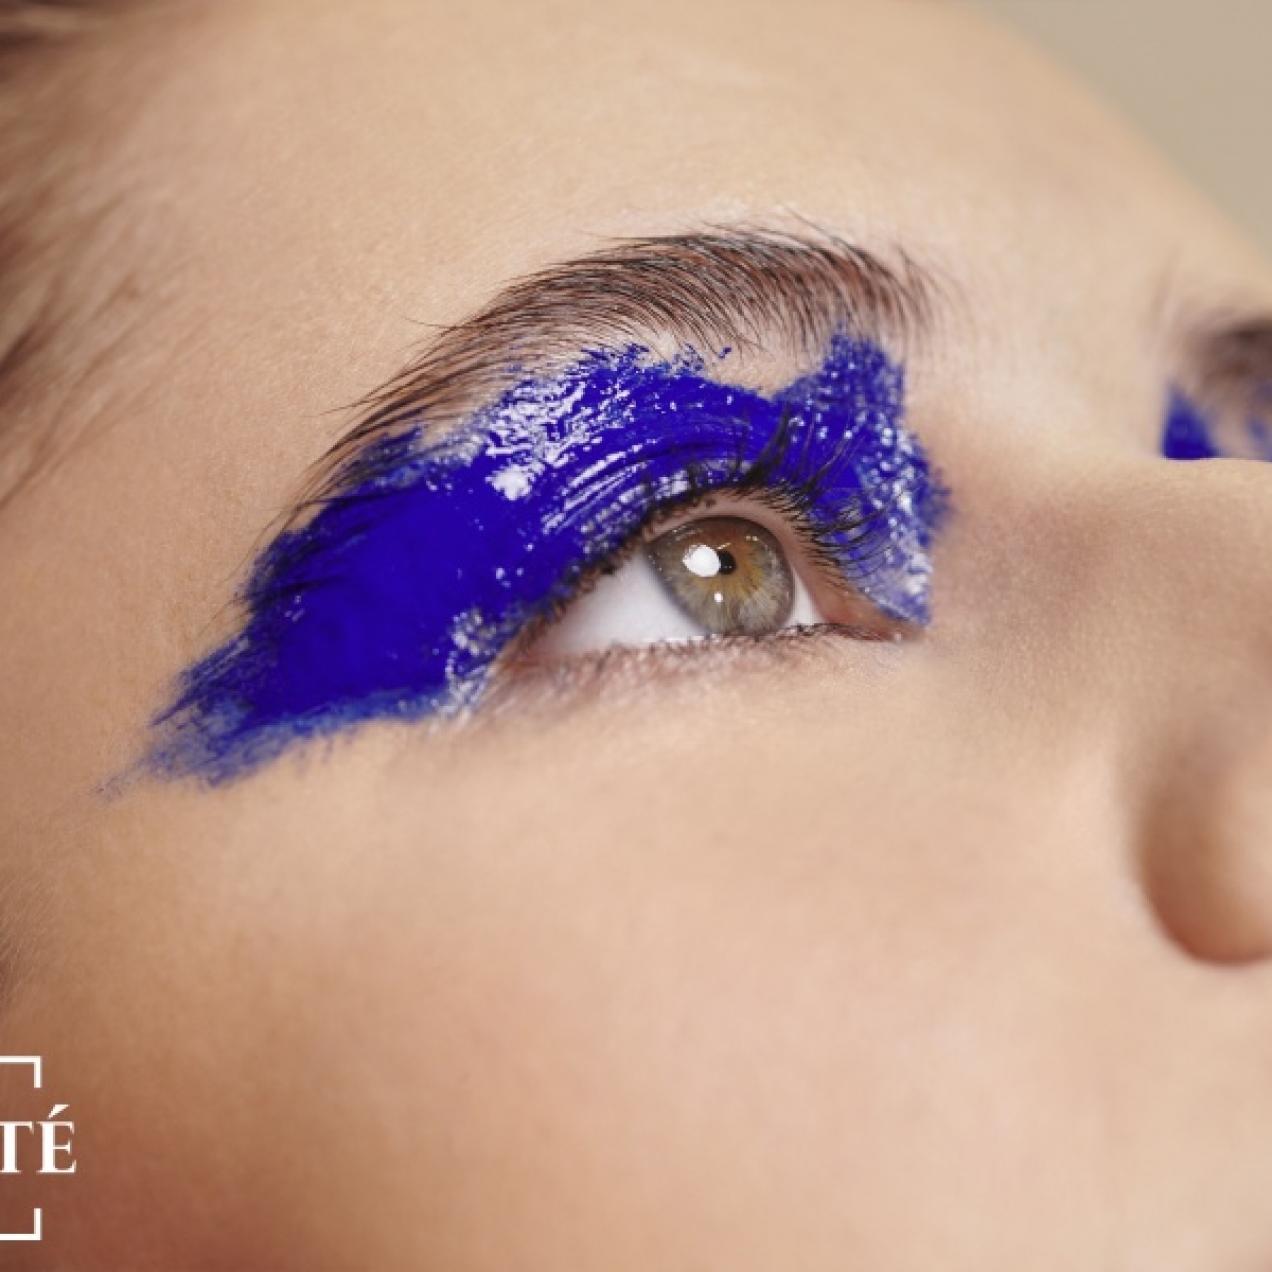 La pintura y el maquillaje, una sinergia creativa